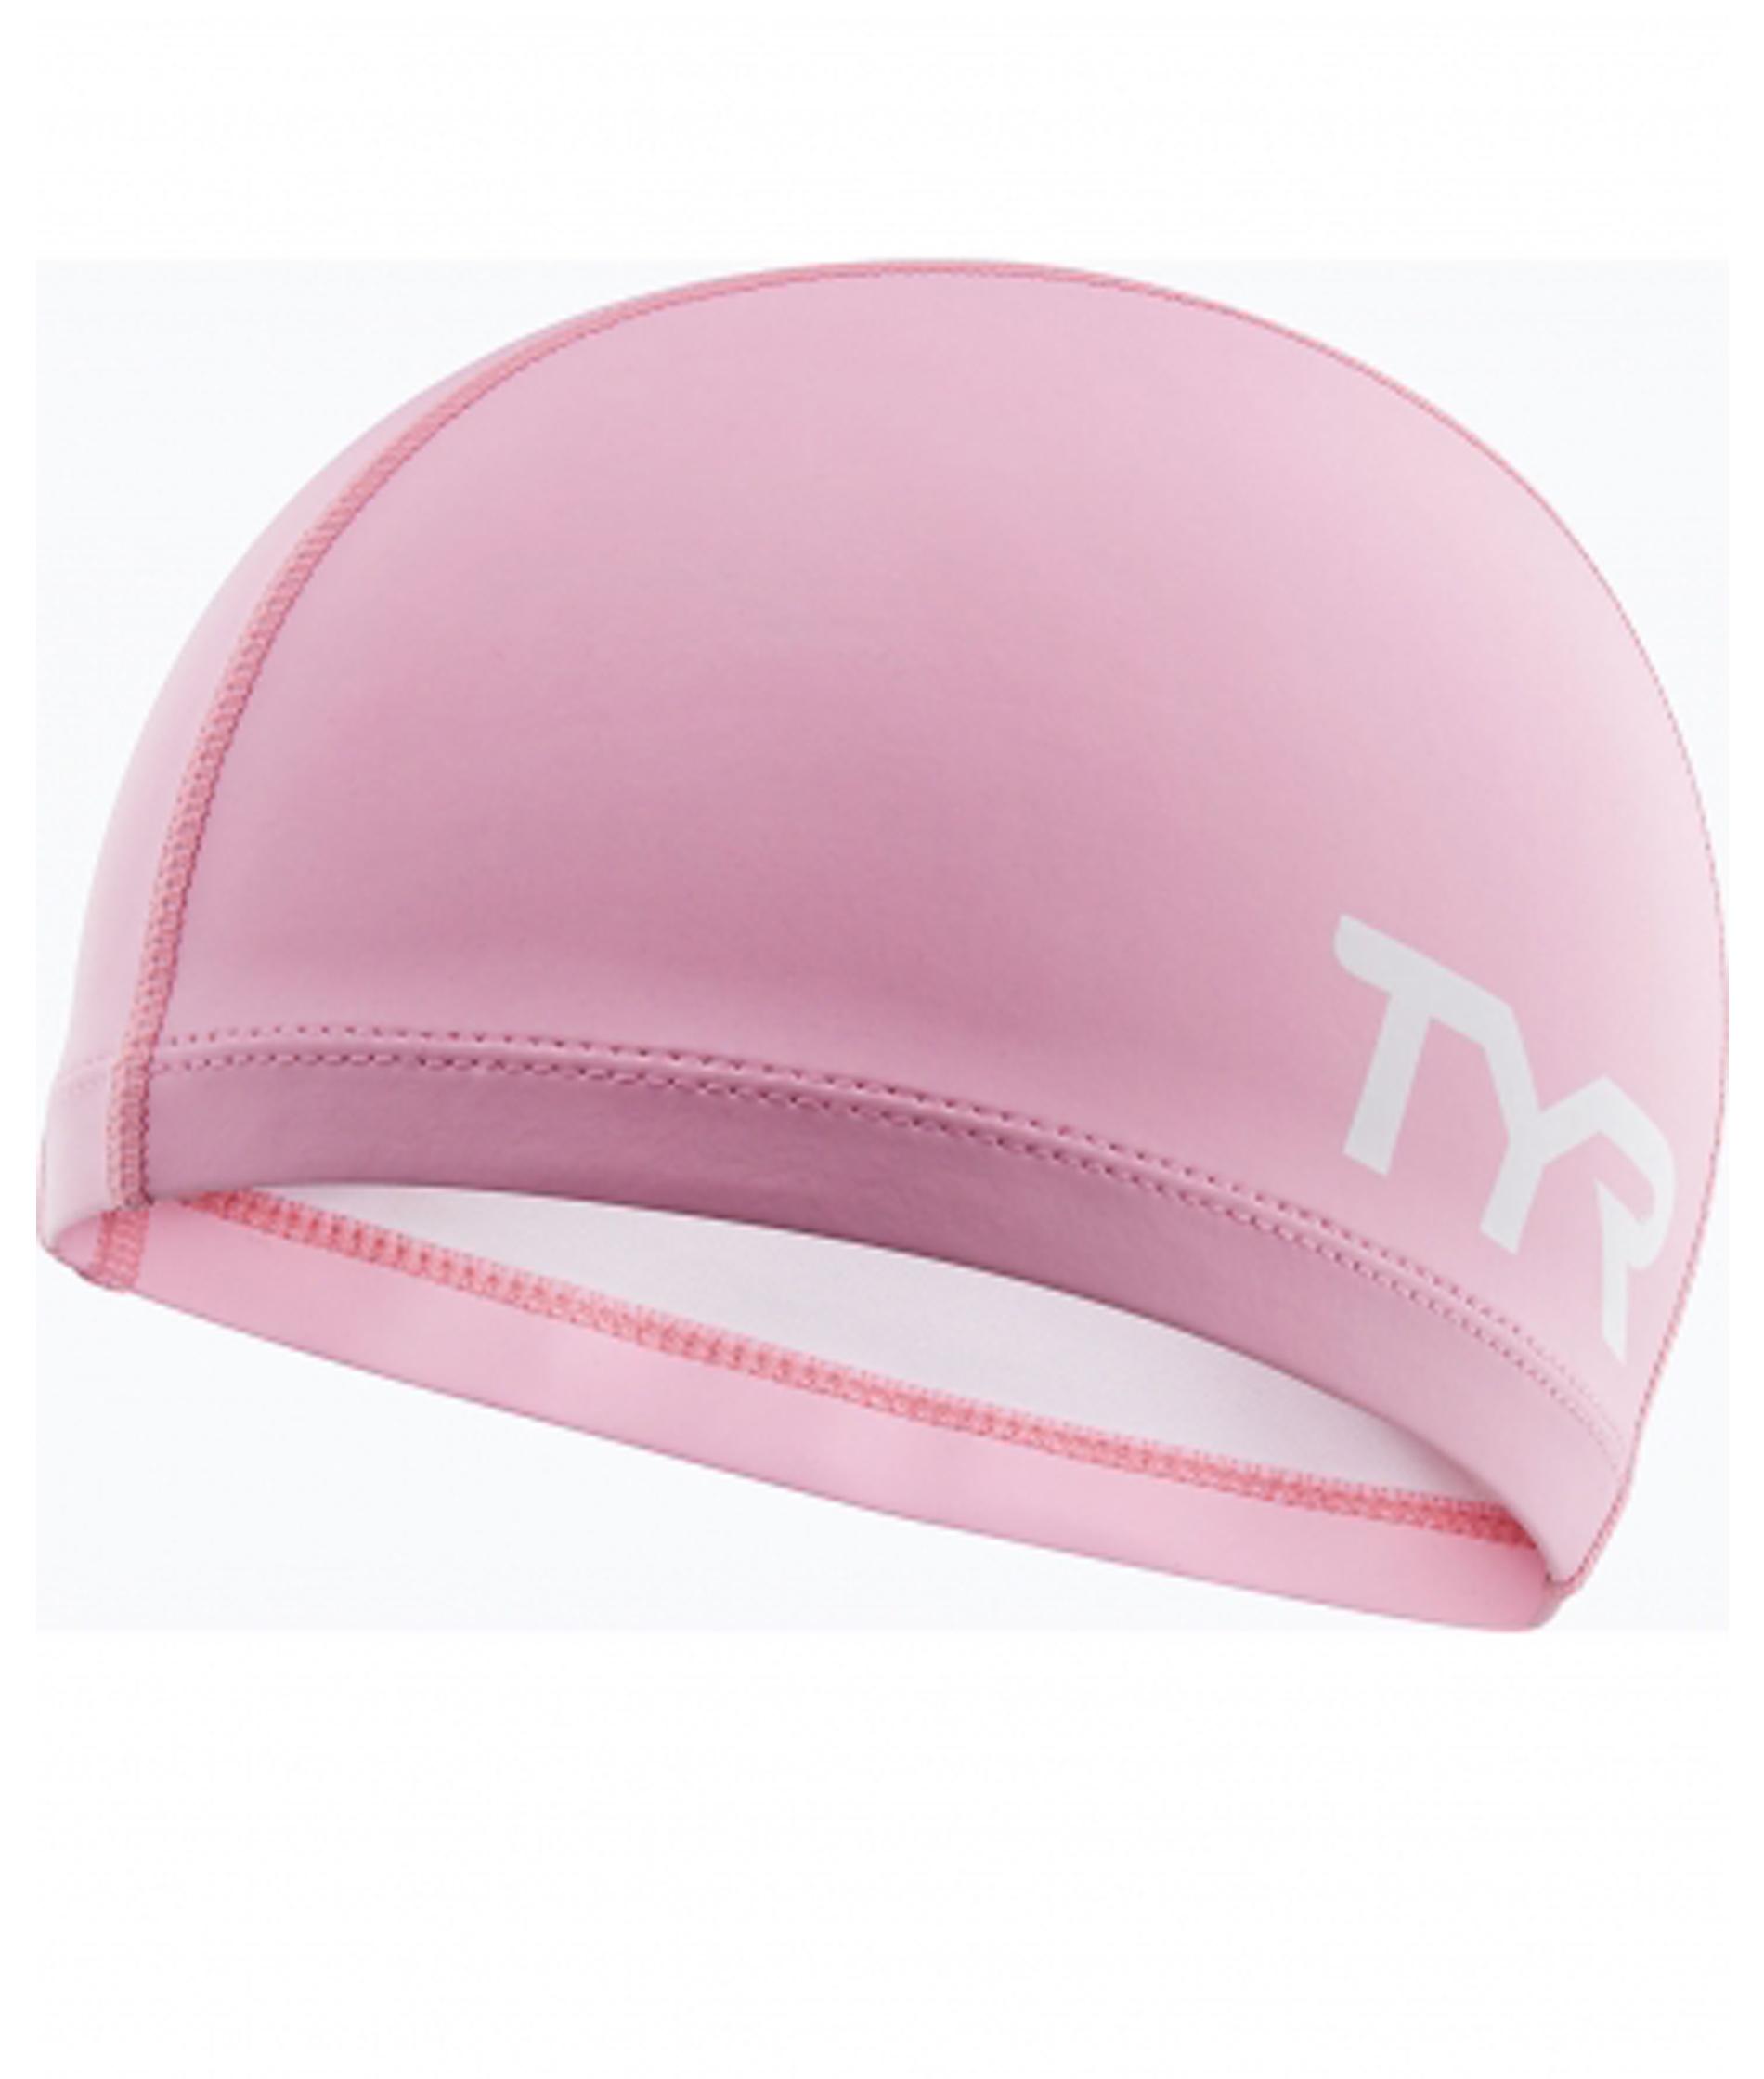 TYR Silicone Comfort Junior Swim Cap - Pink